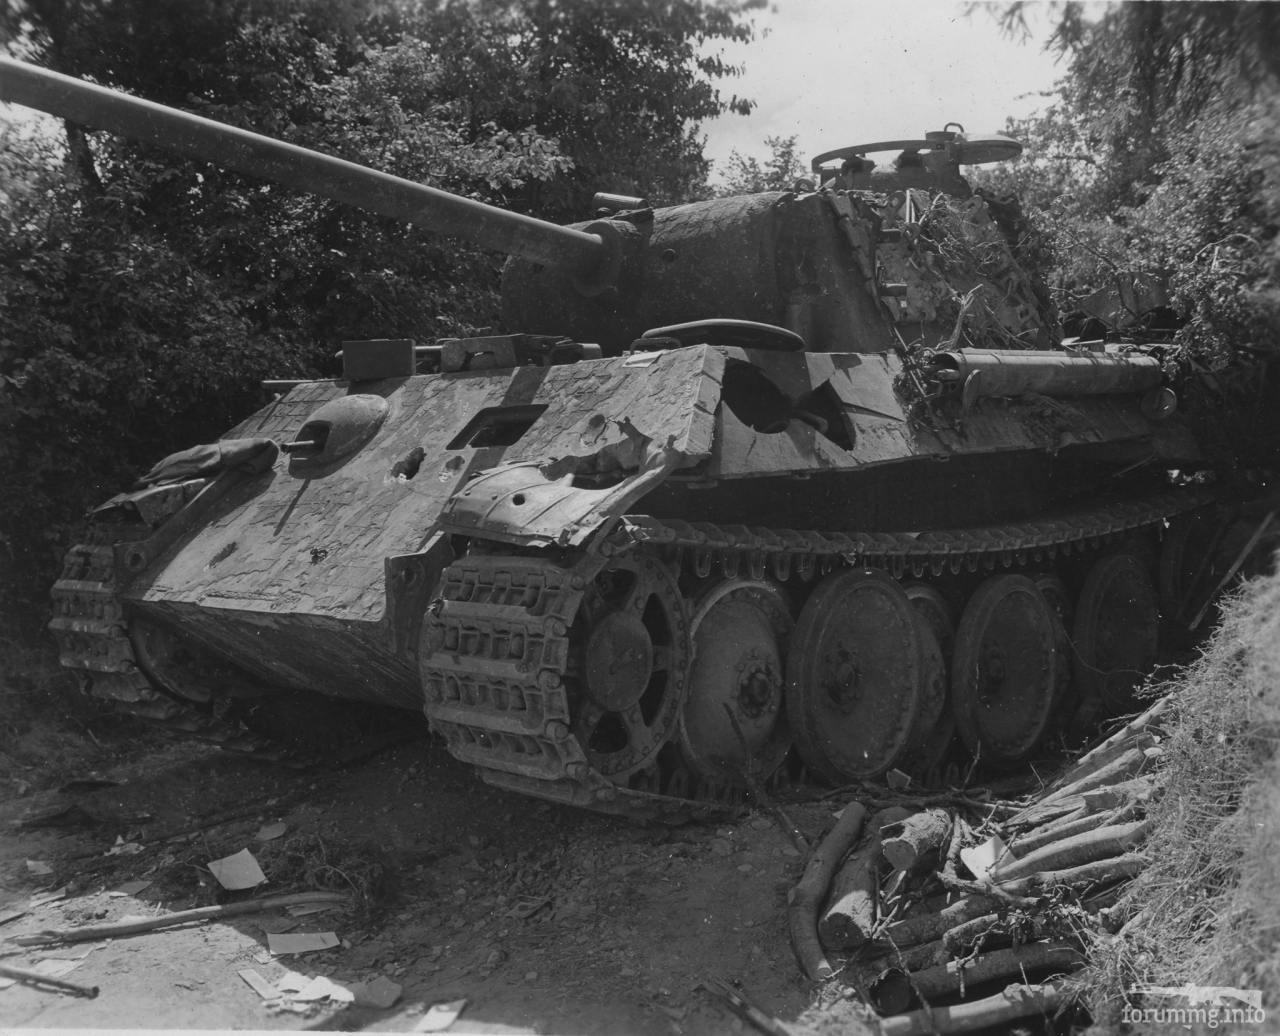 127128 - Achtung Panzer!